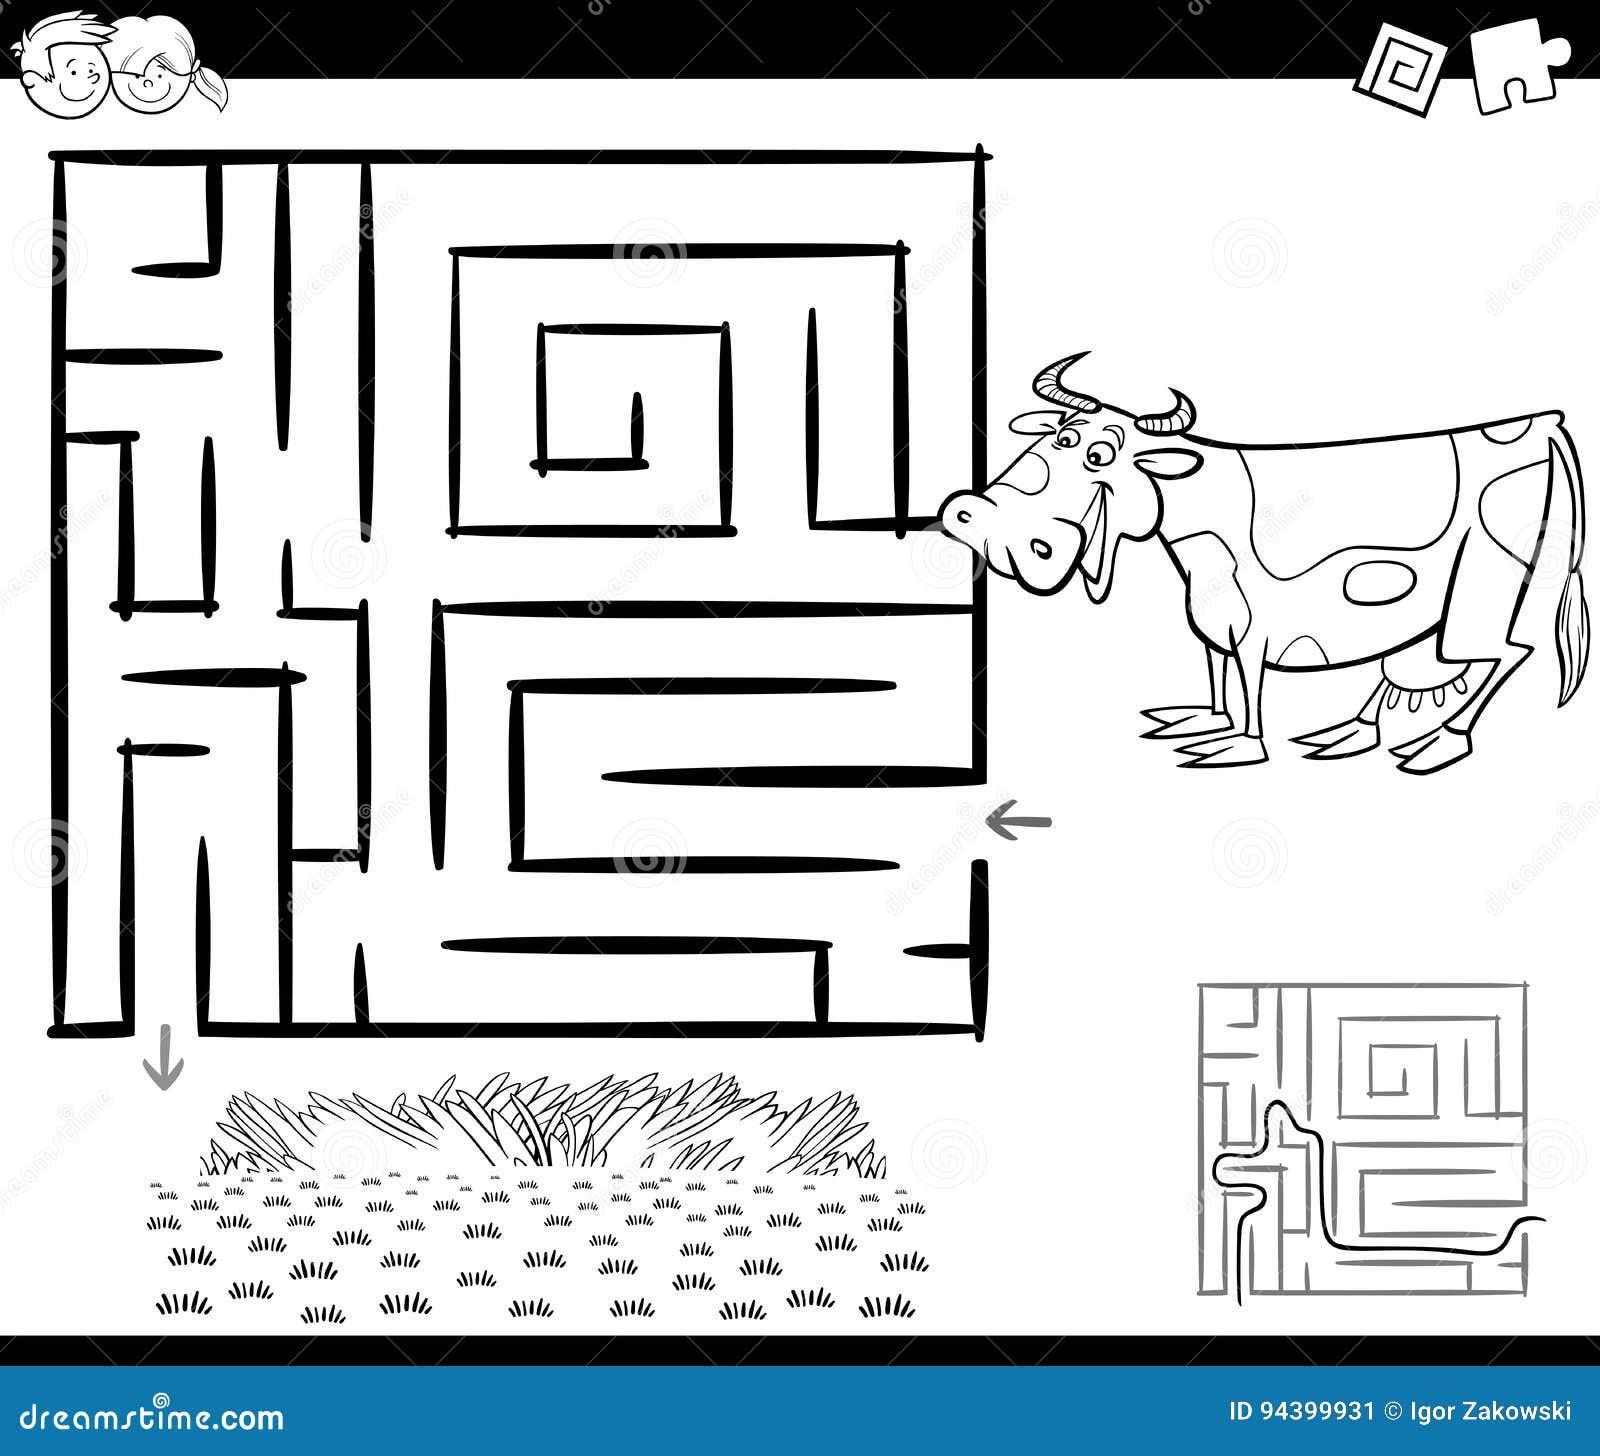 Wunderbar Süße Kuh Färbung Seite Ideen - Malvorlagen Von Tieren ...